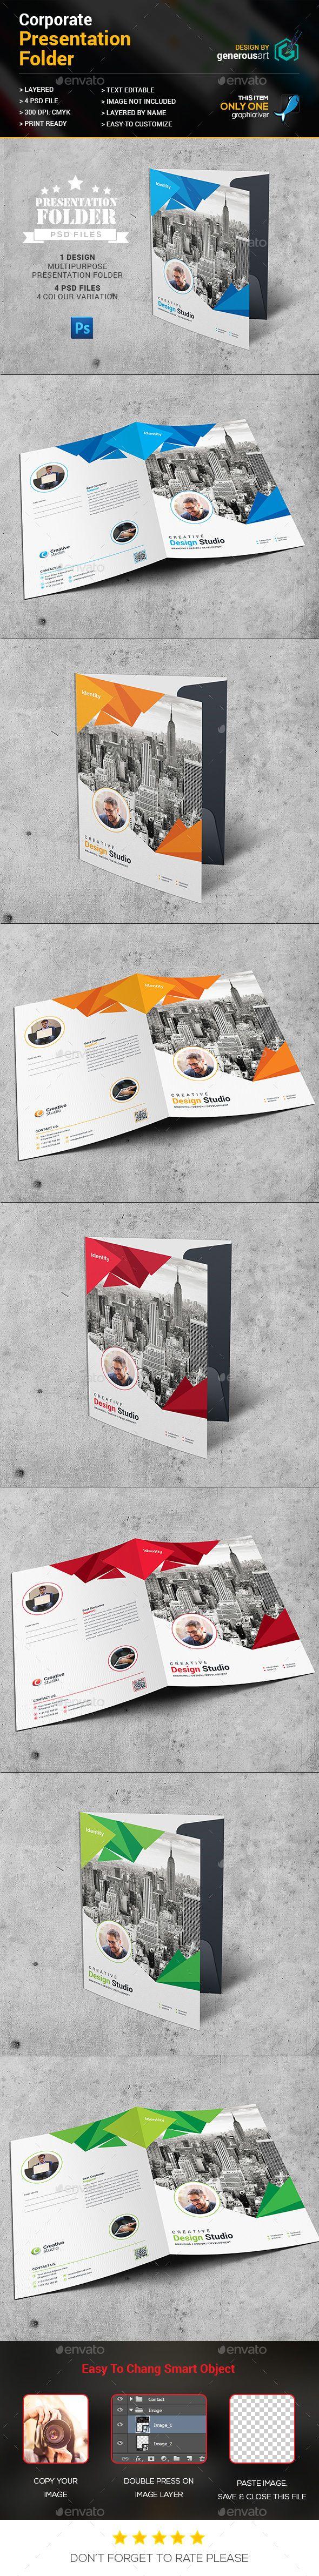 Best Presentation Folder Images On Pinterest Flyer Design - Fresh presentation folder template psd design